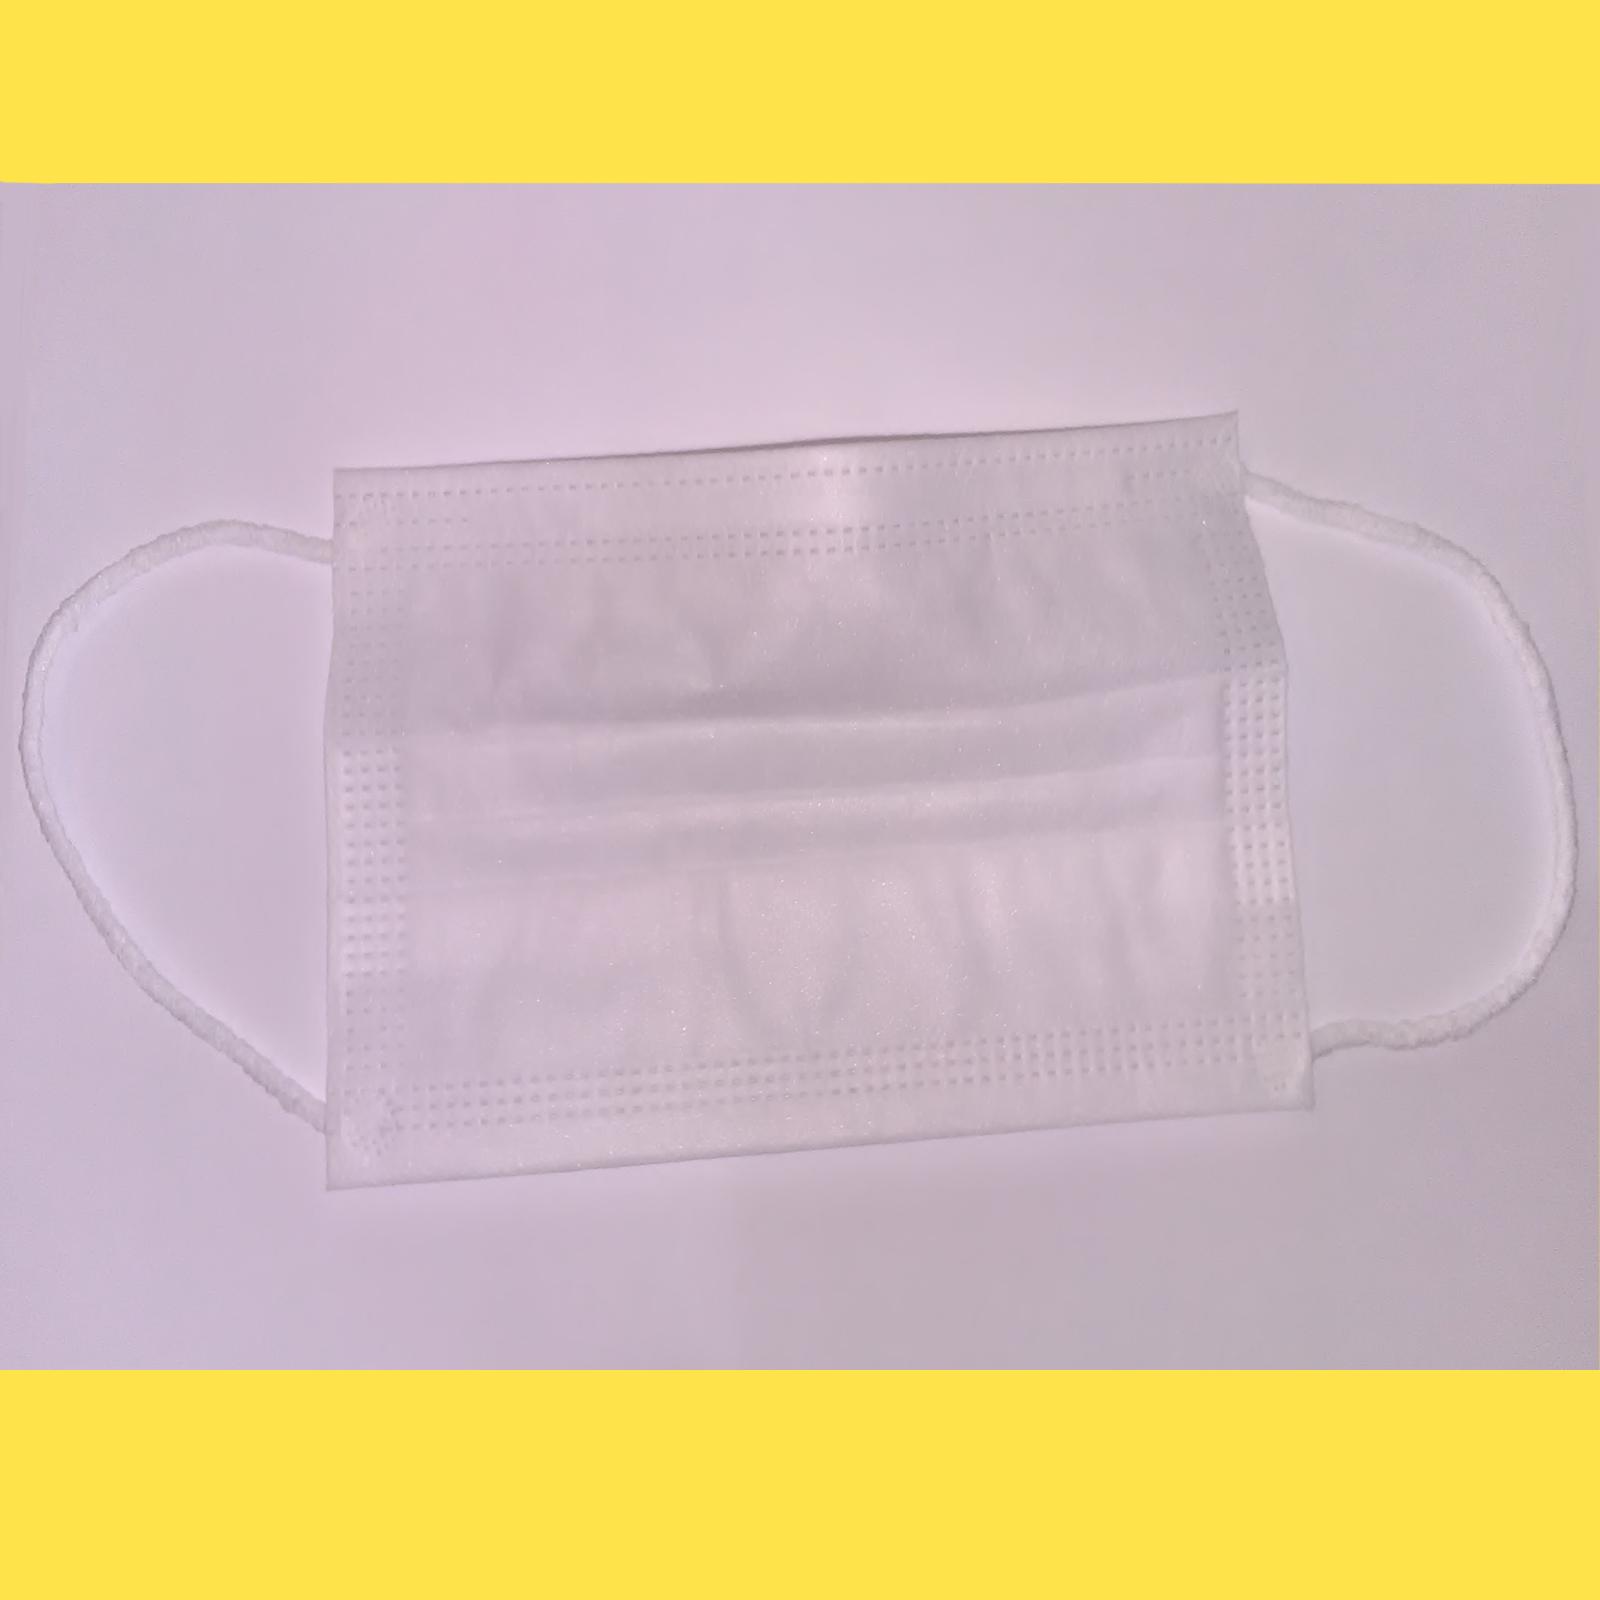 ماسک تنفسی مدل sms1 بسته ۵۰عددی